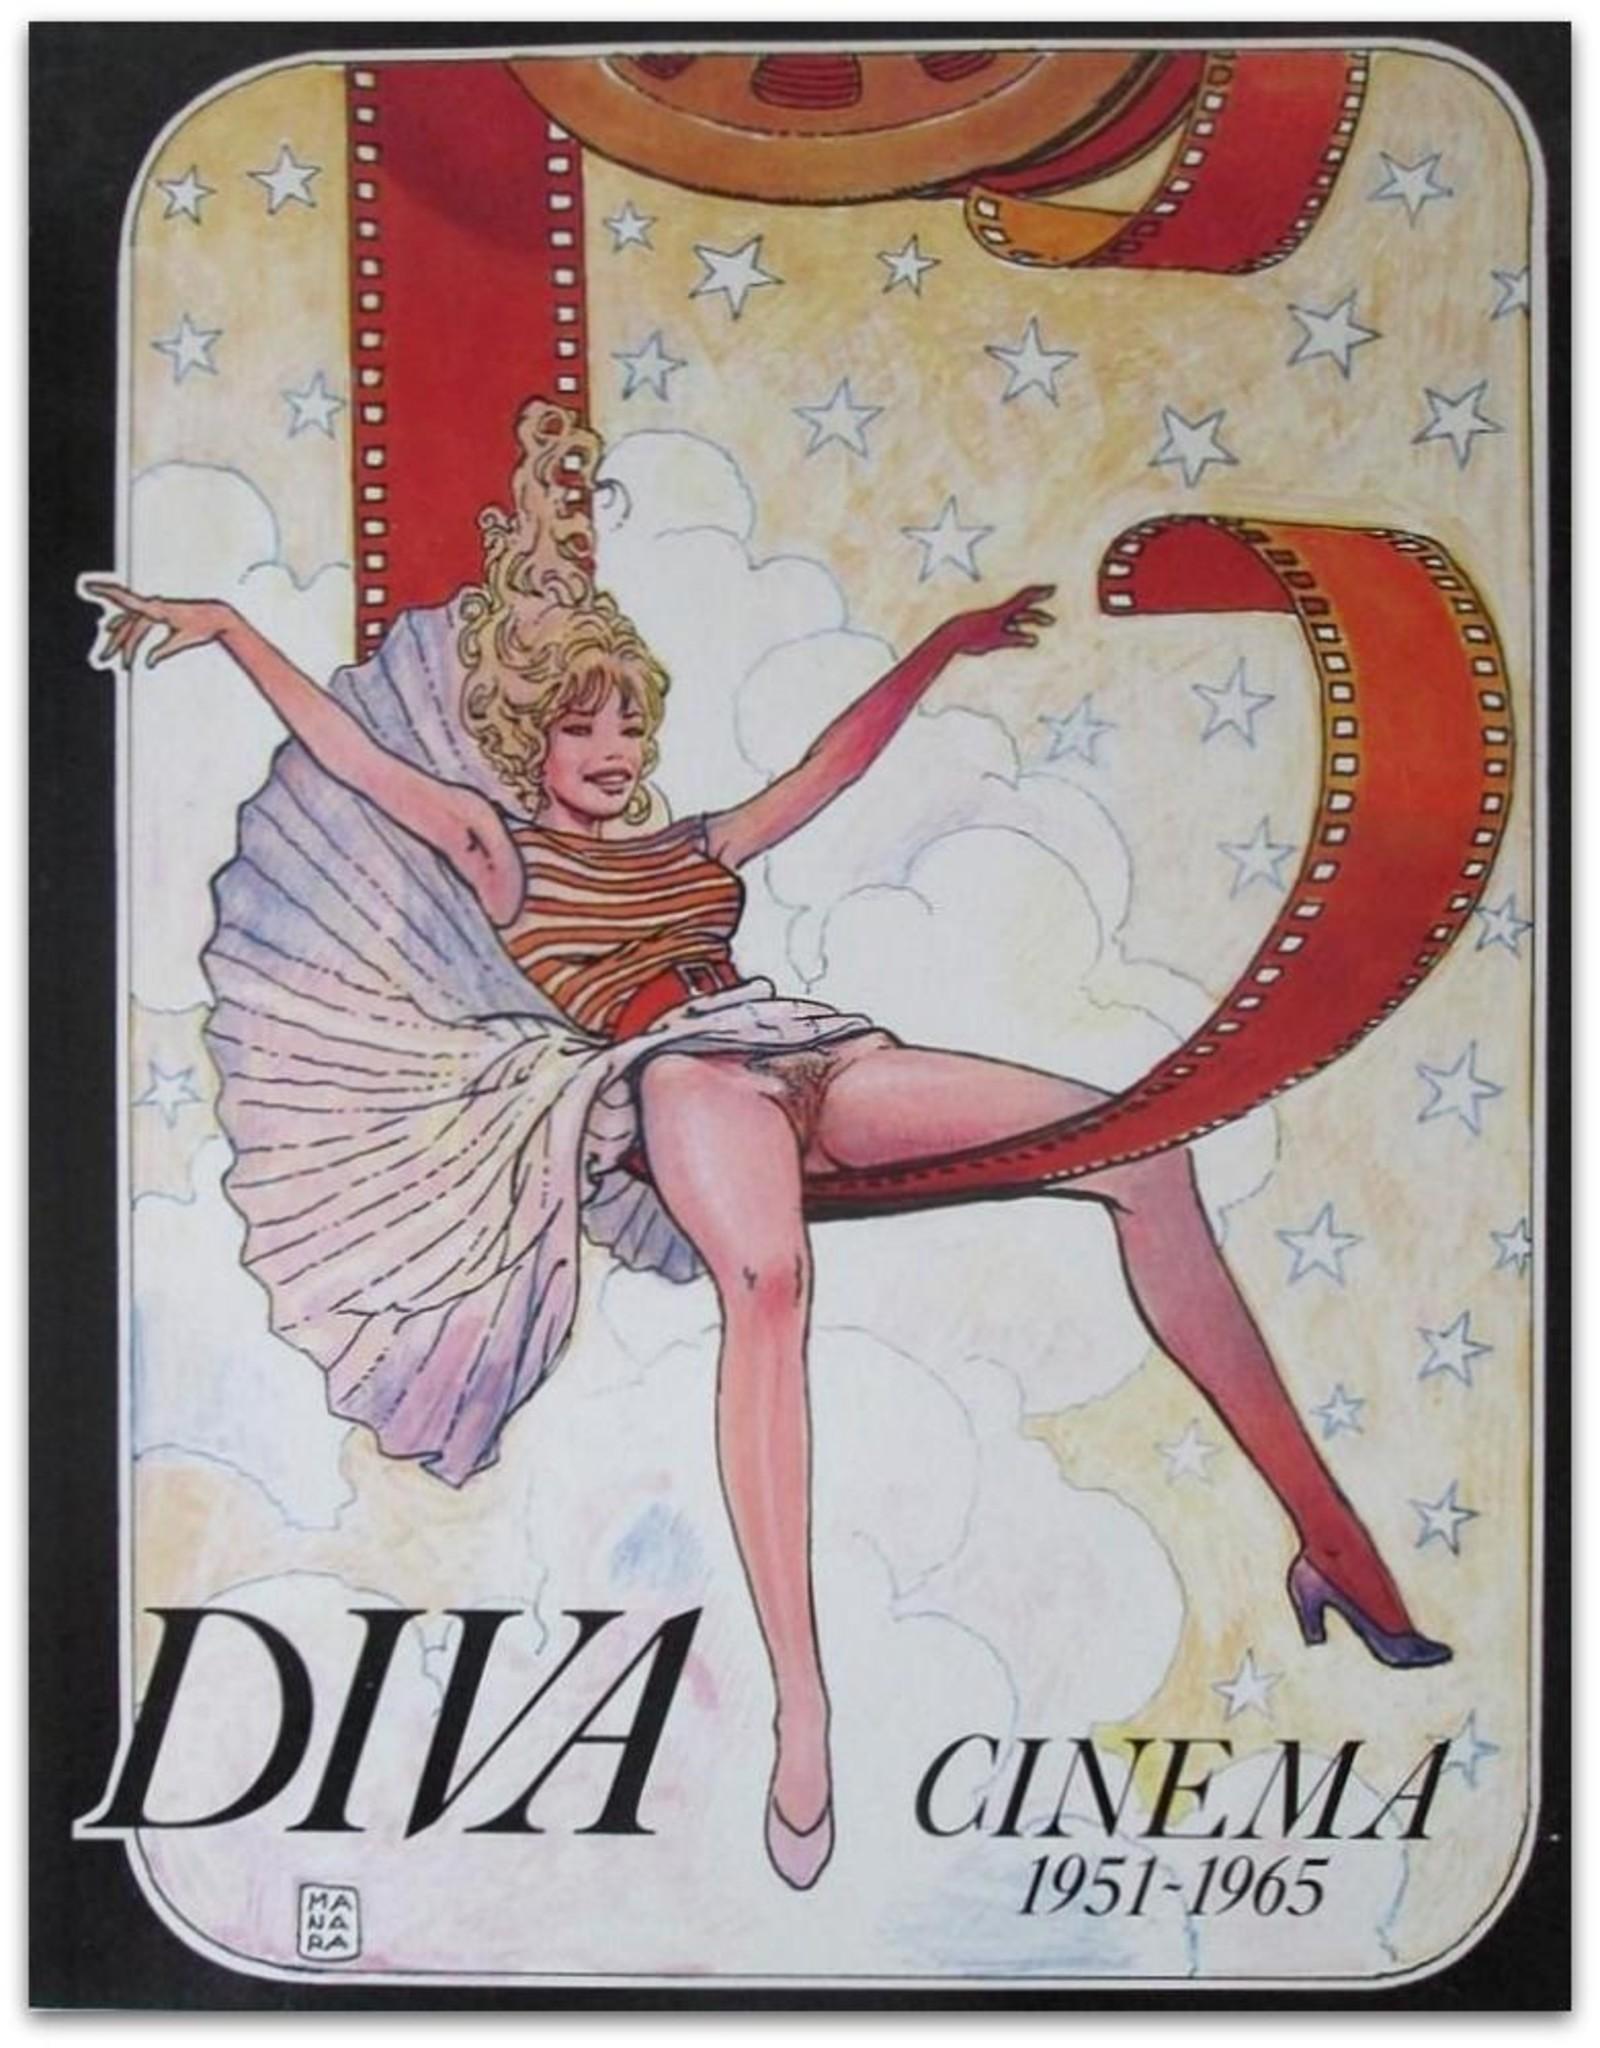 Milo Manara - Diva. Cinema 1951-1965